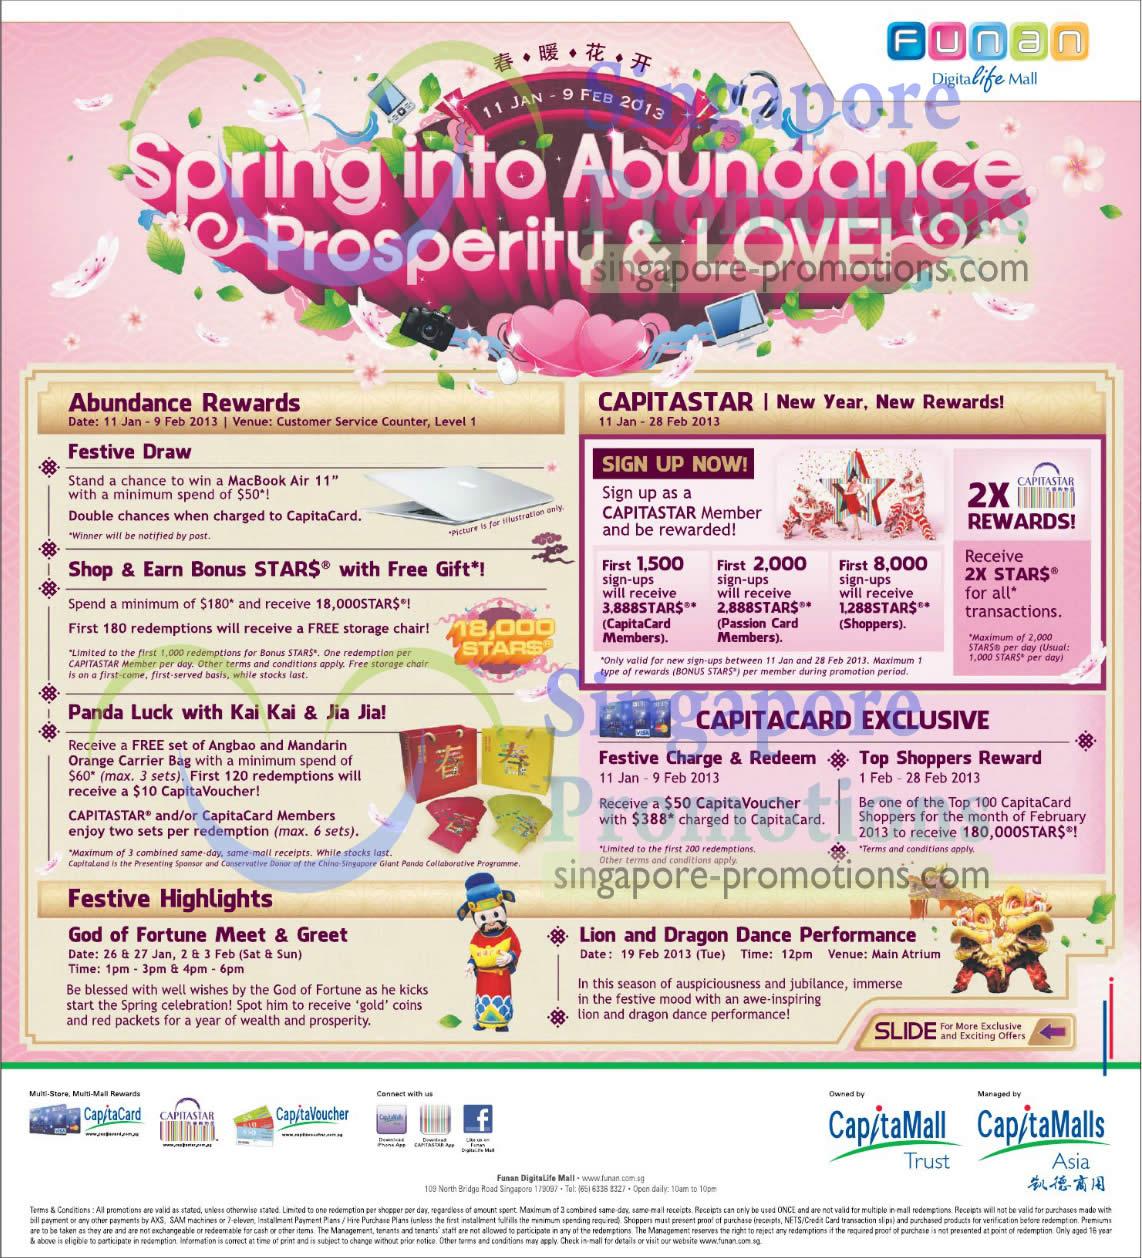 Abundance Rewards, Capitastar, Festive Highlights